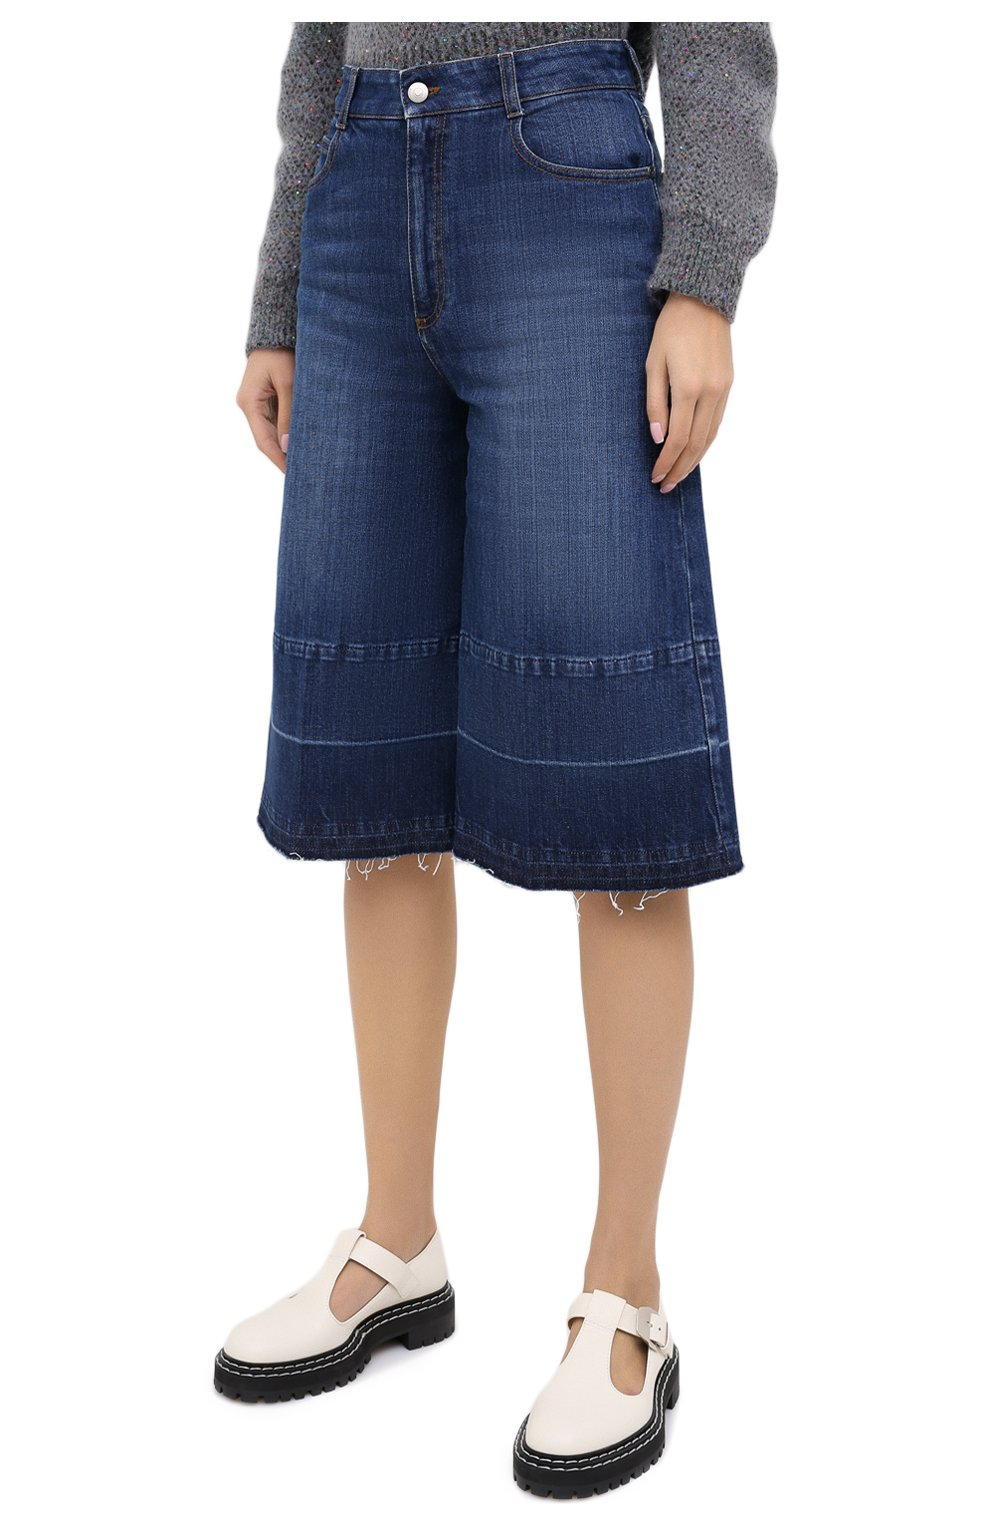 Женские джинсовые шорты STELLA MCCARTNEY синего цвета, арт. 601800/S0H01 | Фото 3 (Женское Кросс-КТ: Шорты-одежда; Кросс-КТ: Деним, Широкие; Материал внешний: Хлопок; Длина Ж (юбки, платья, шорты): Миди)